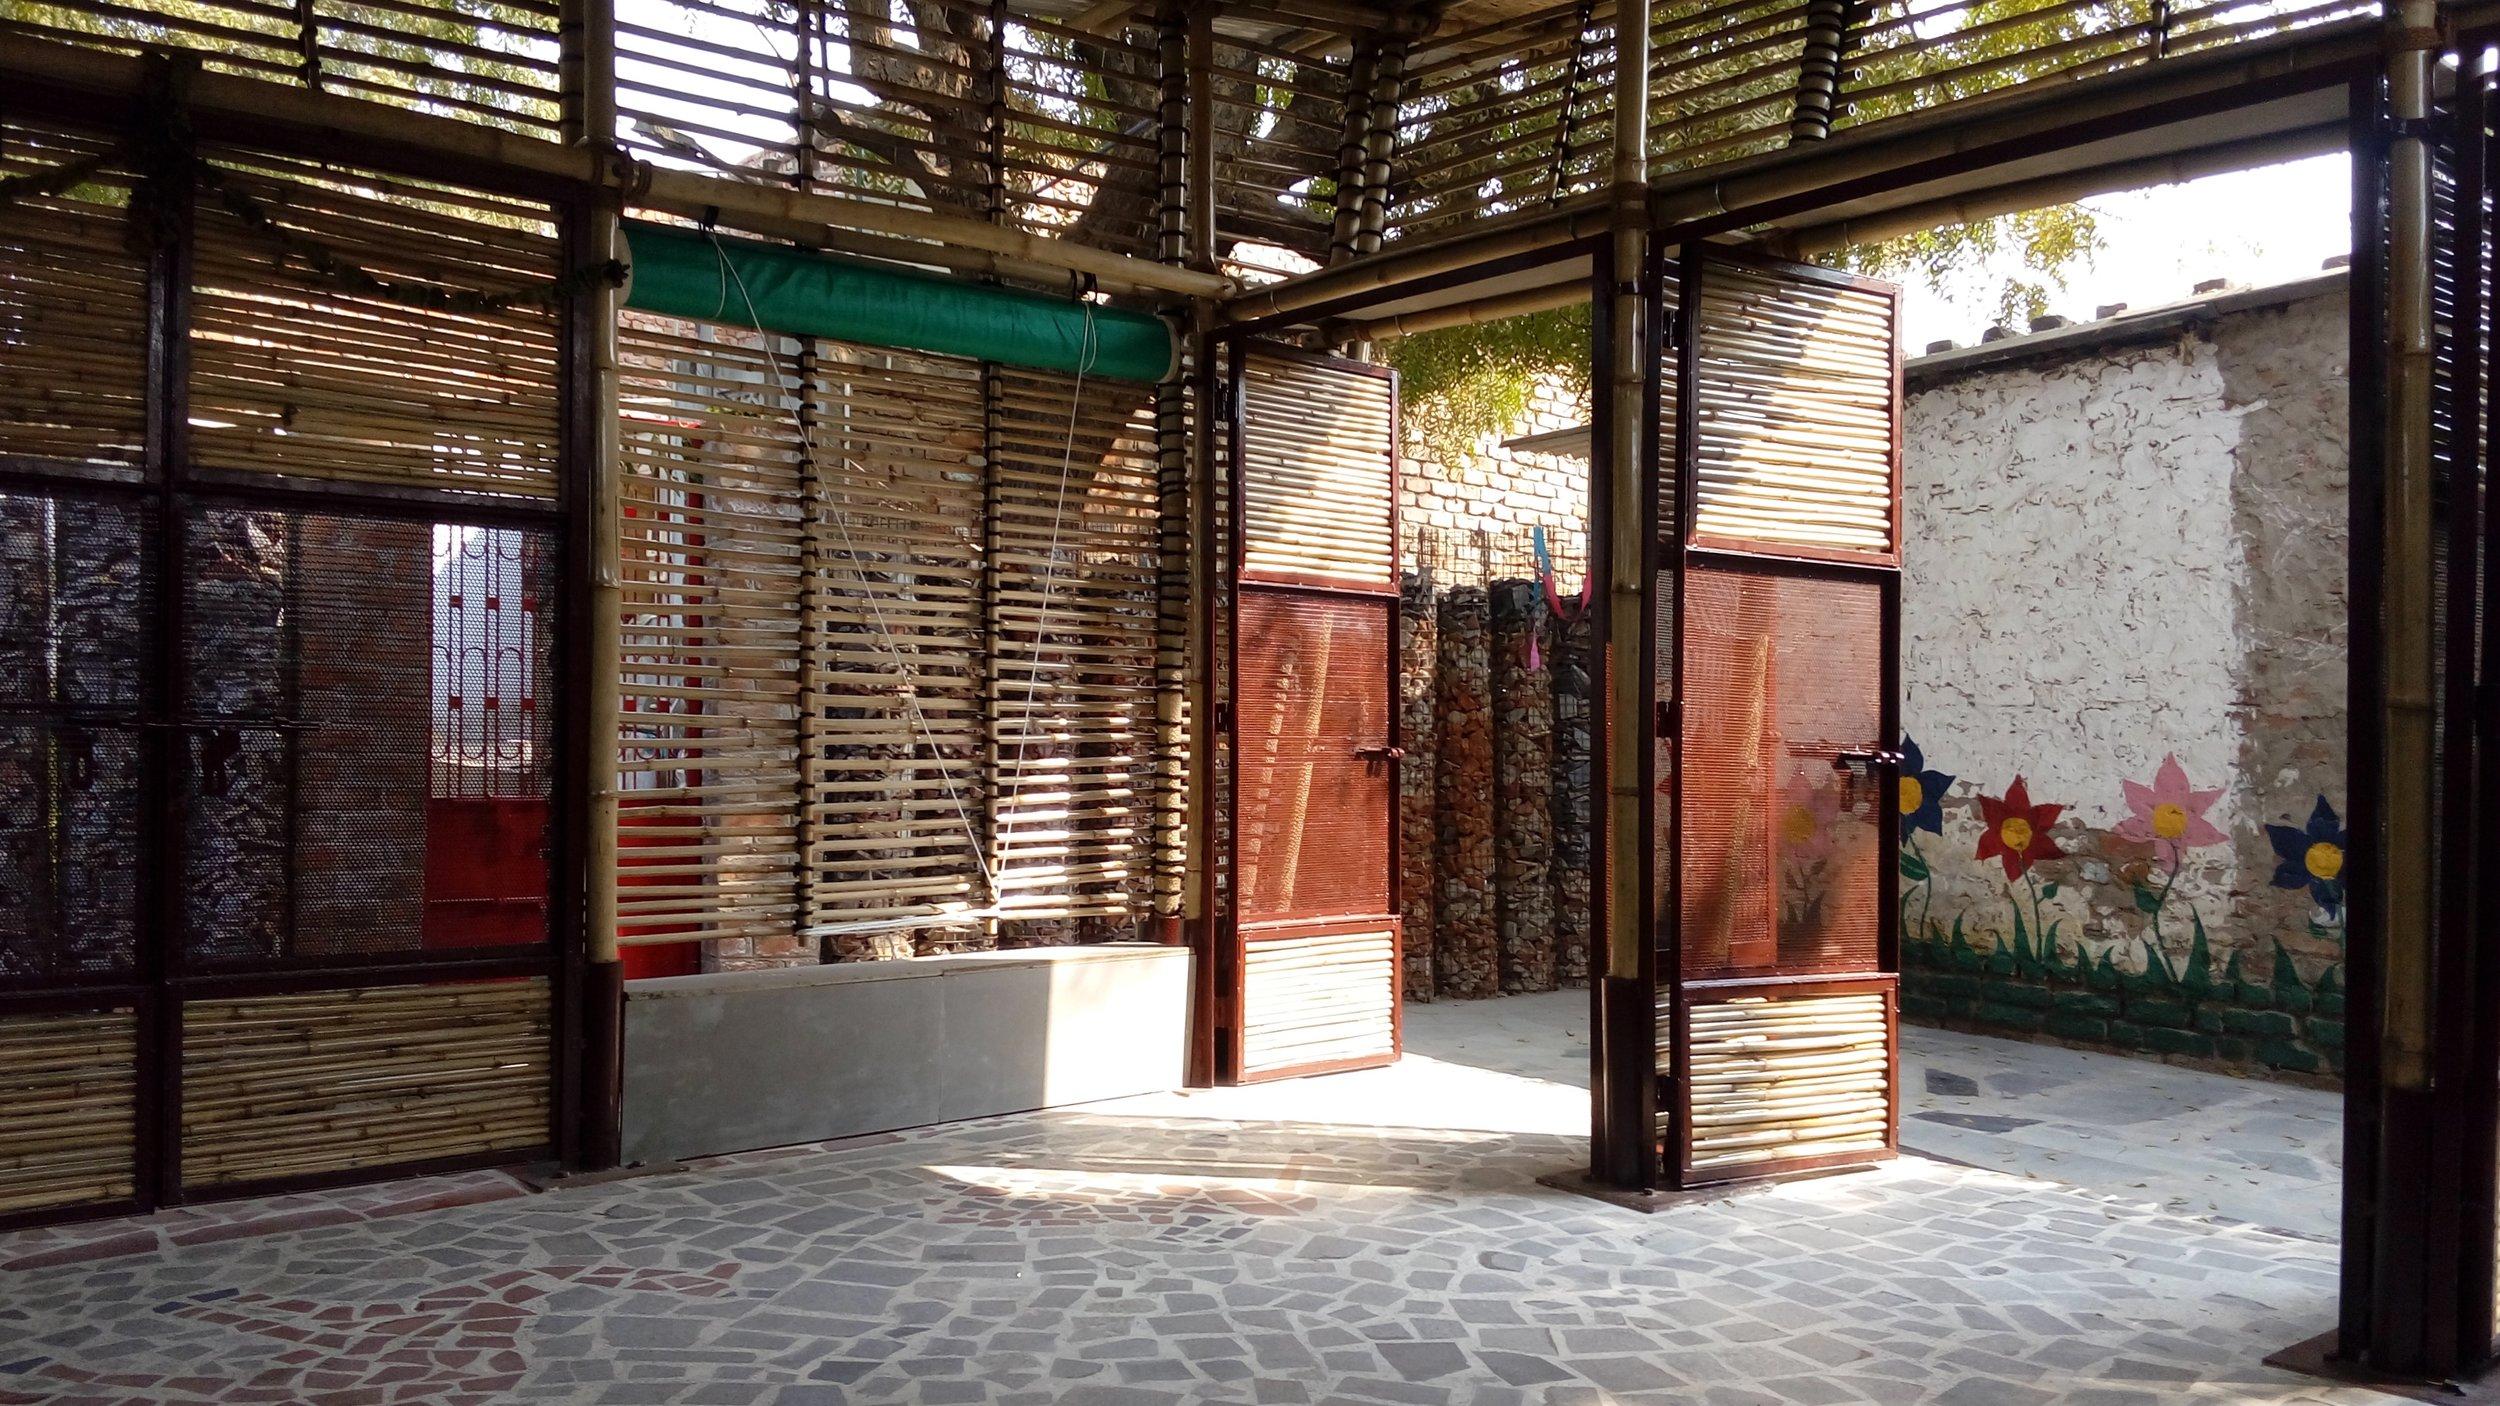 09_Bholu 14_interior with doors open.jpg